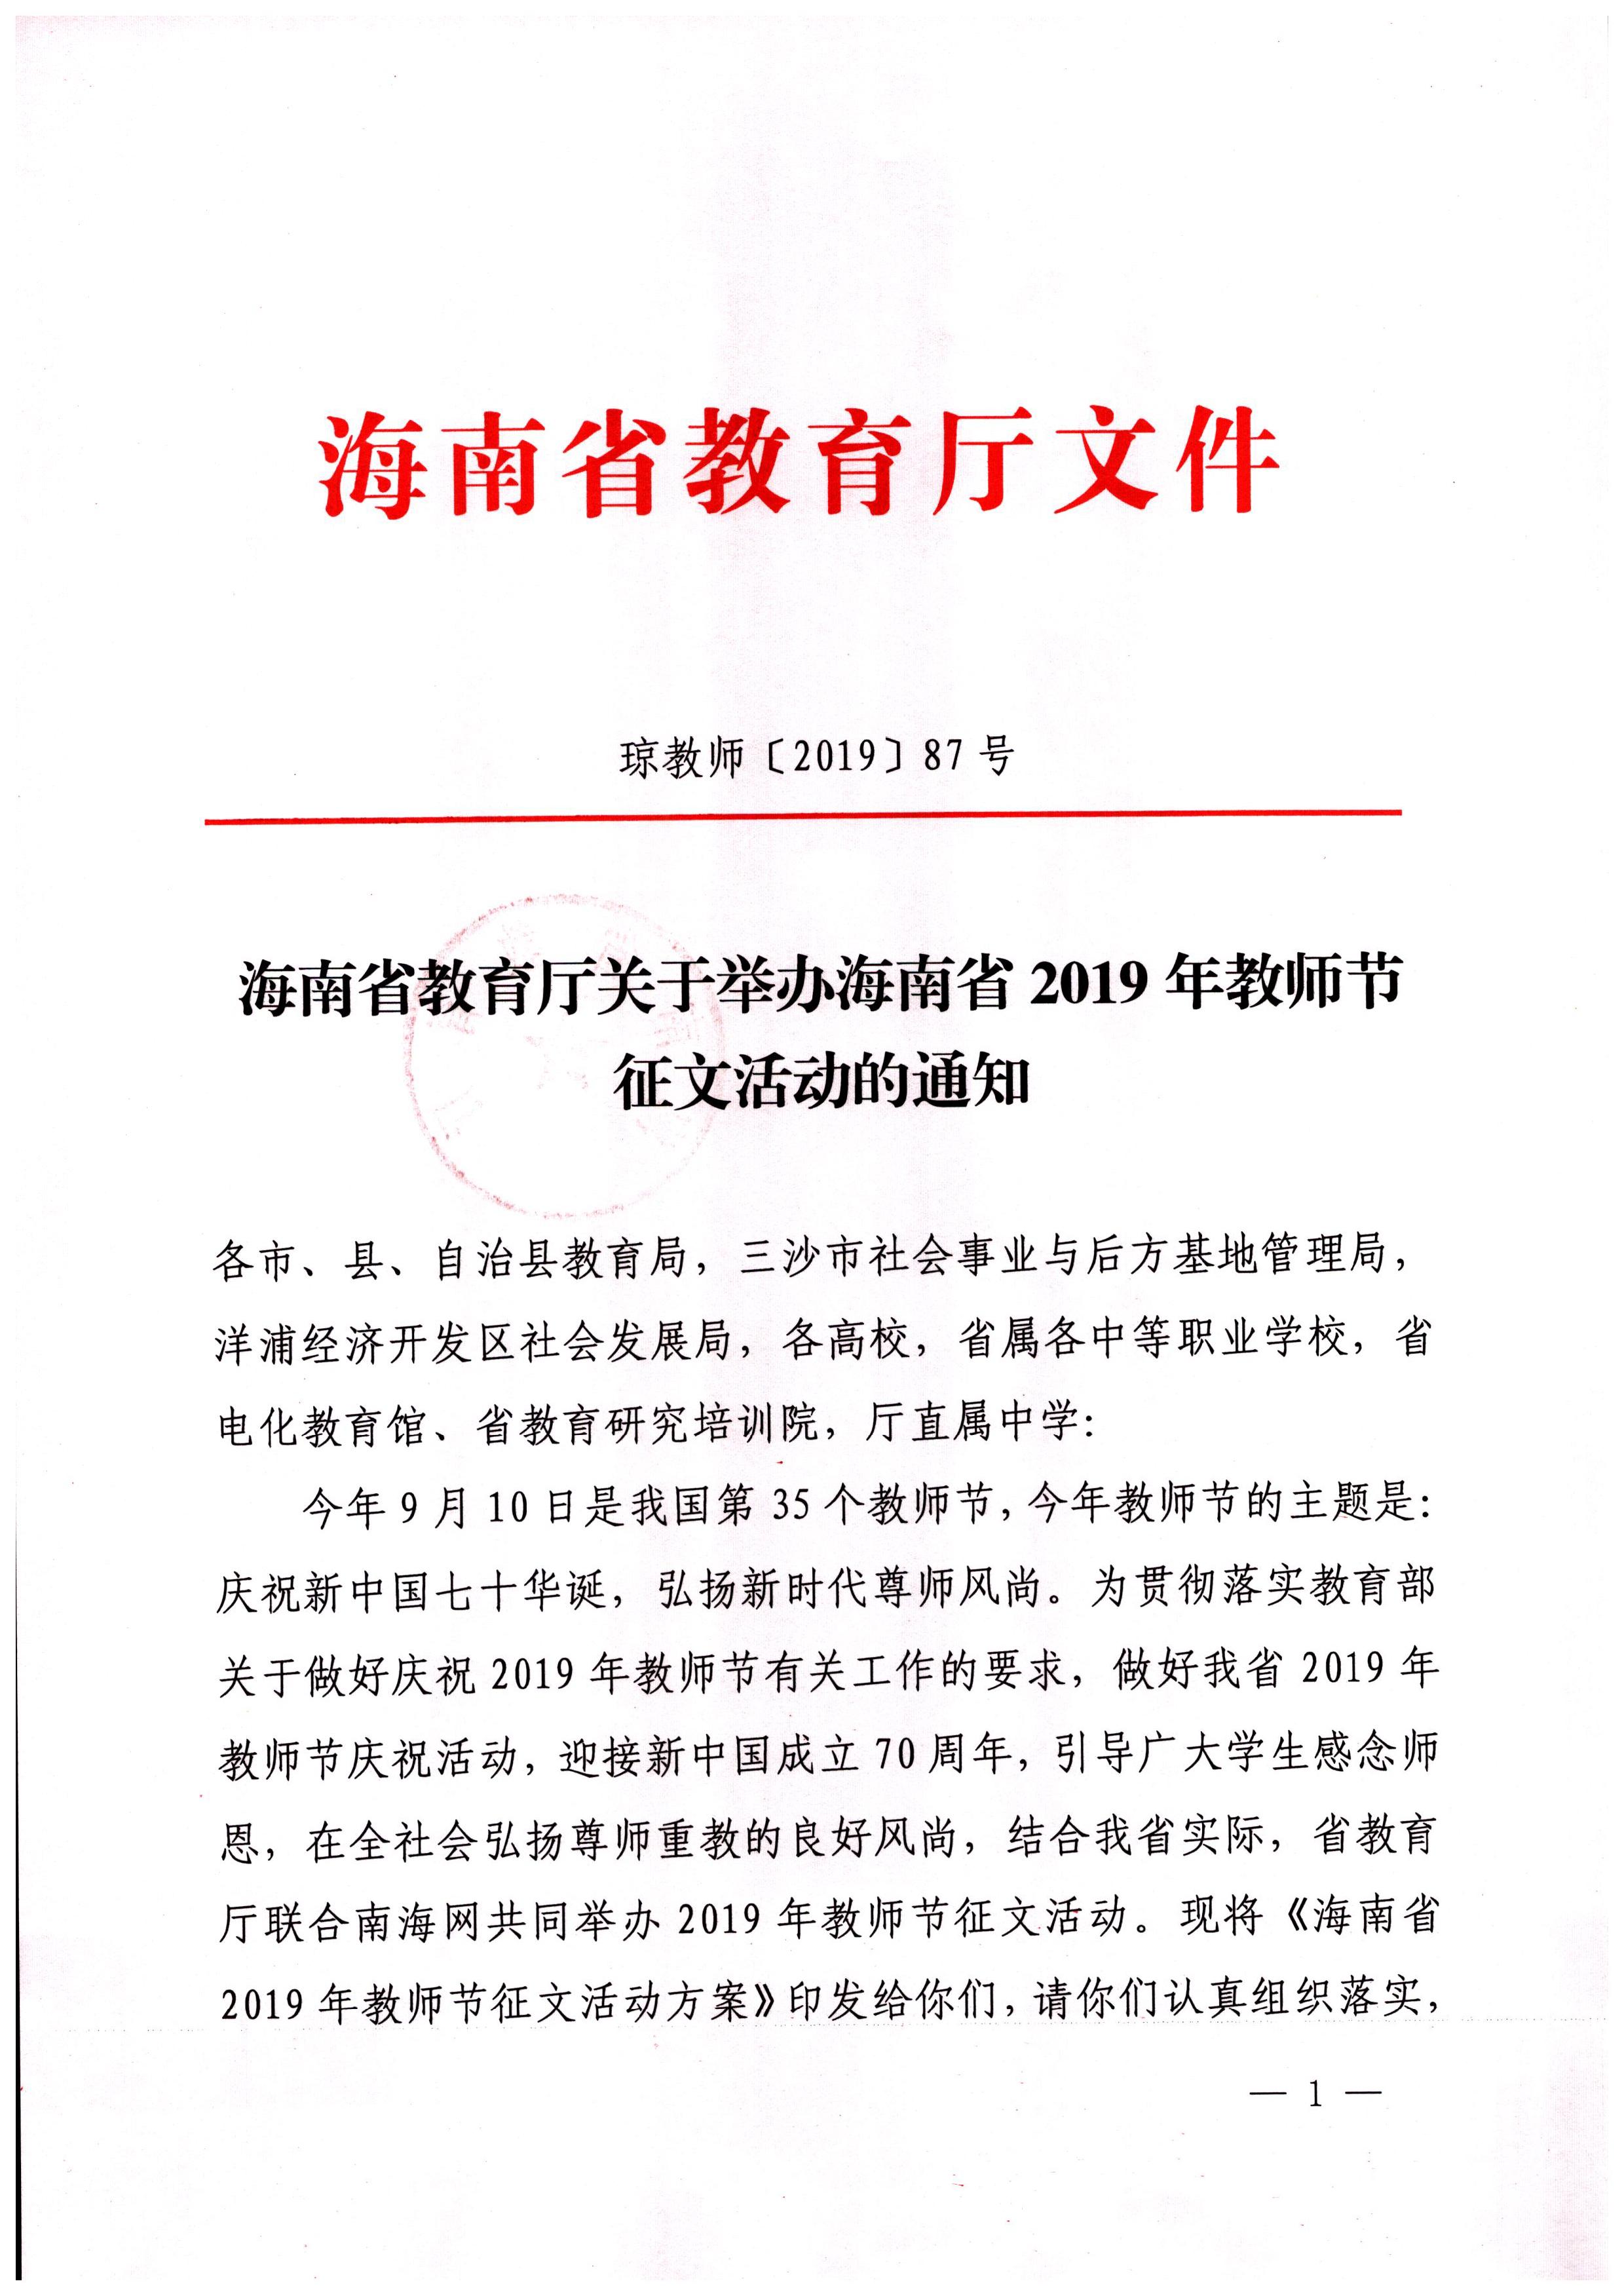 海南省教育厅关于举办海南省2019年教师节征文活动的通知